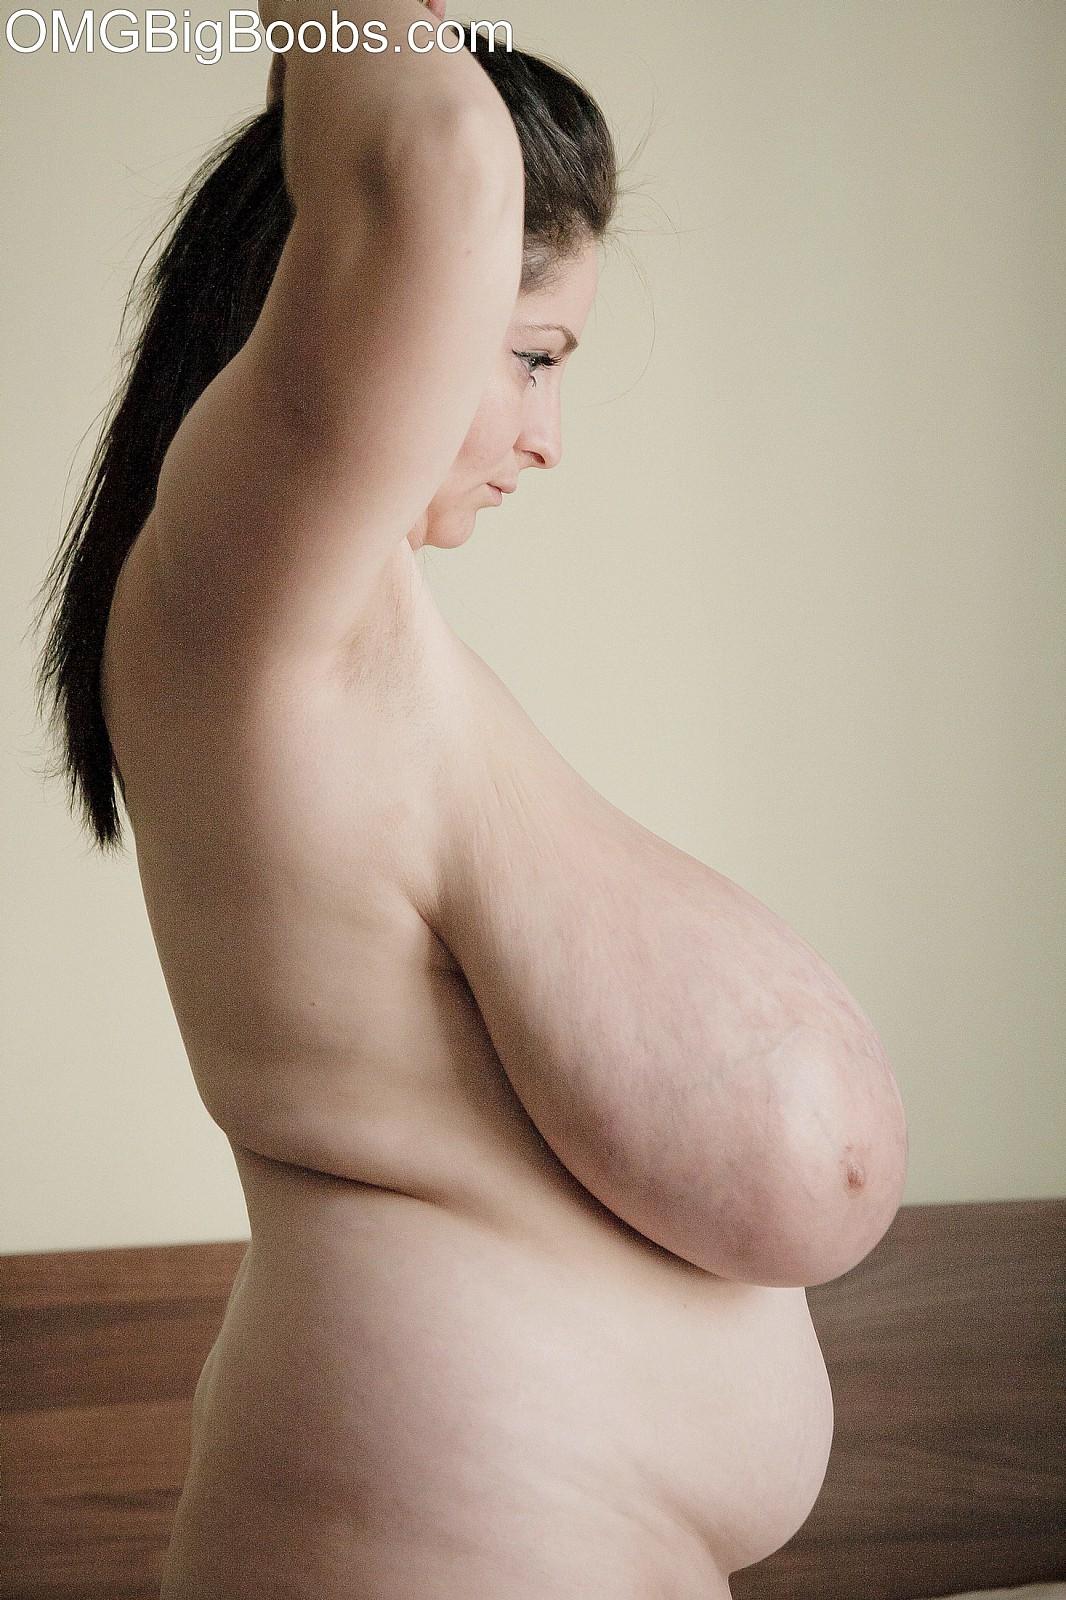 Из-за размеров груди пожилой Алисе сложно одеваться